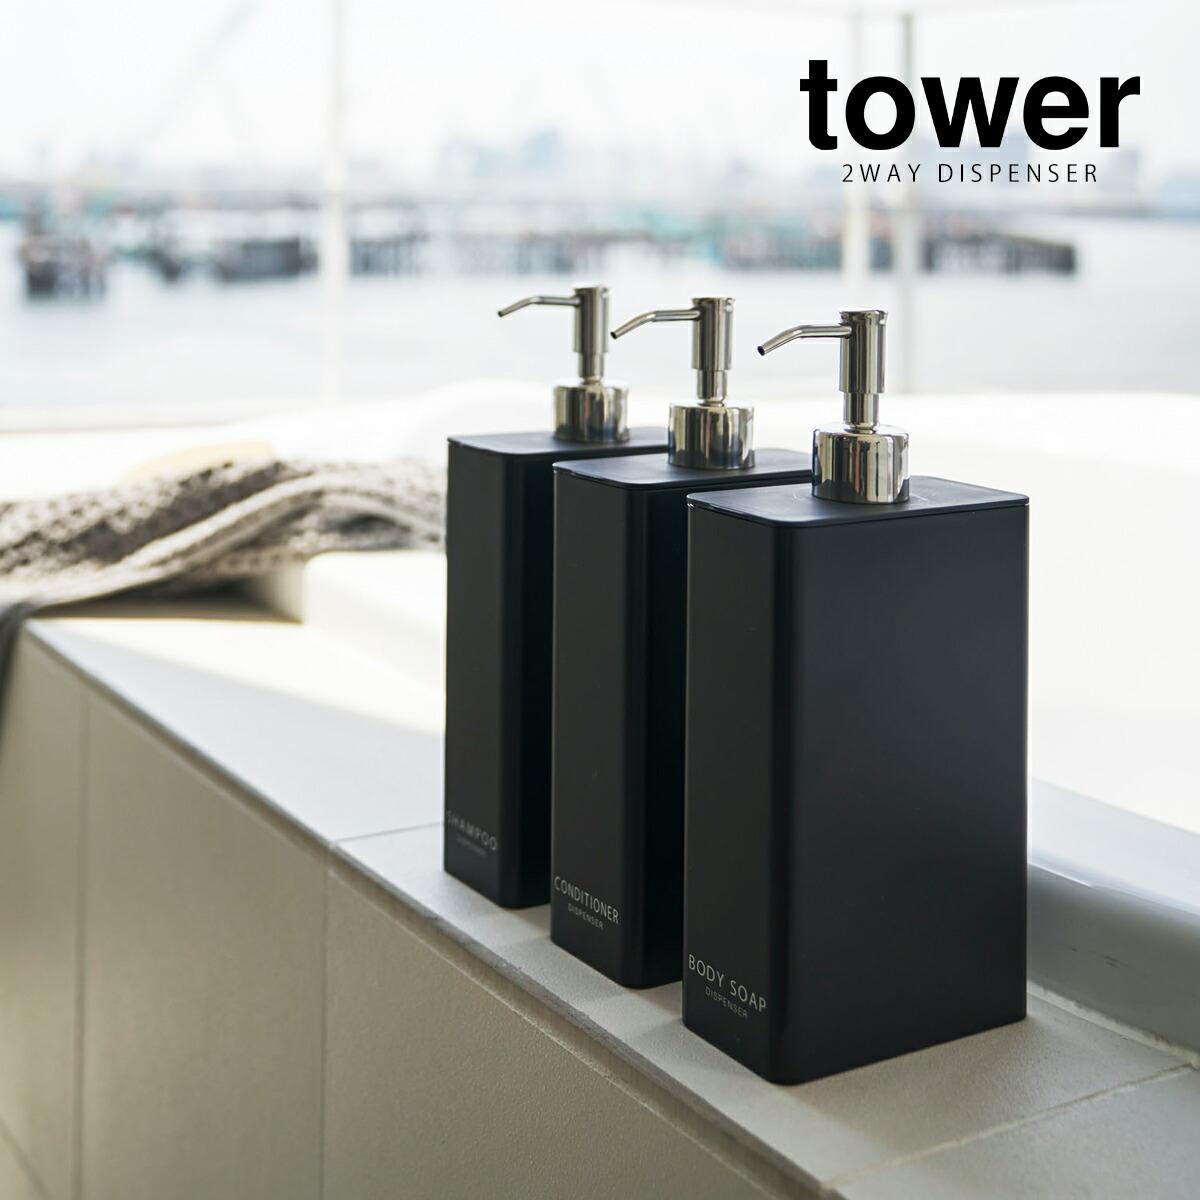 tower / タワー ツーウェイディスペンサー スクエア スリム シャンプー 詰め替え 2WAY